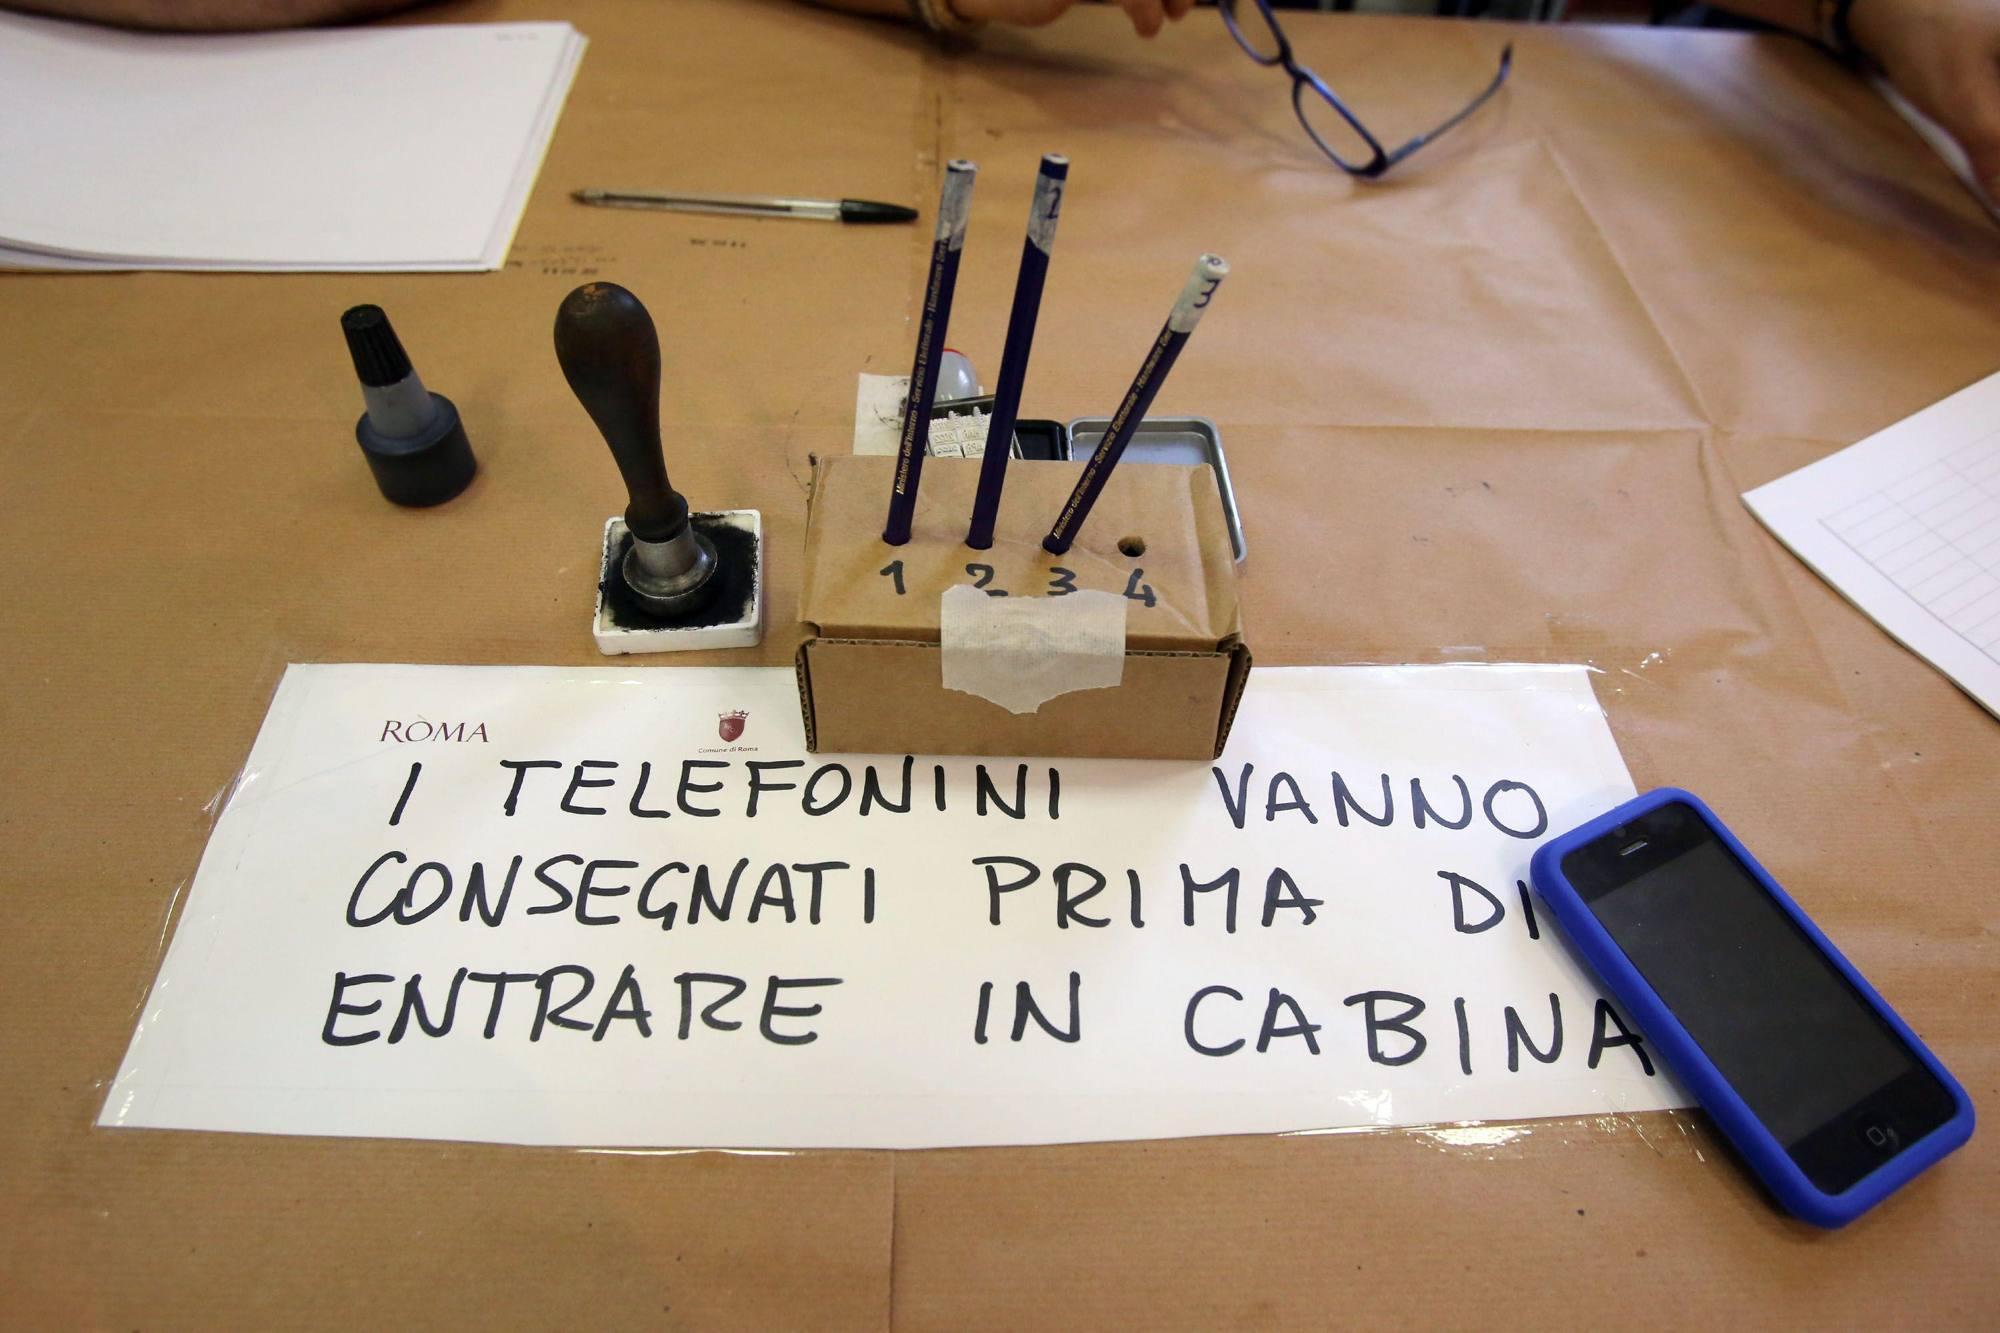 Un avviso al seggio per impedire foto delle schede e voto di scambio (Eidon)